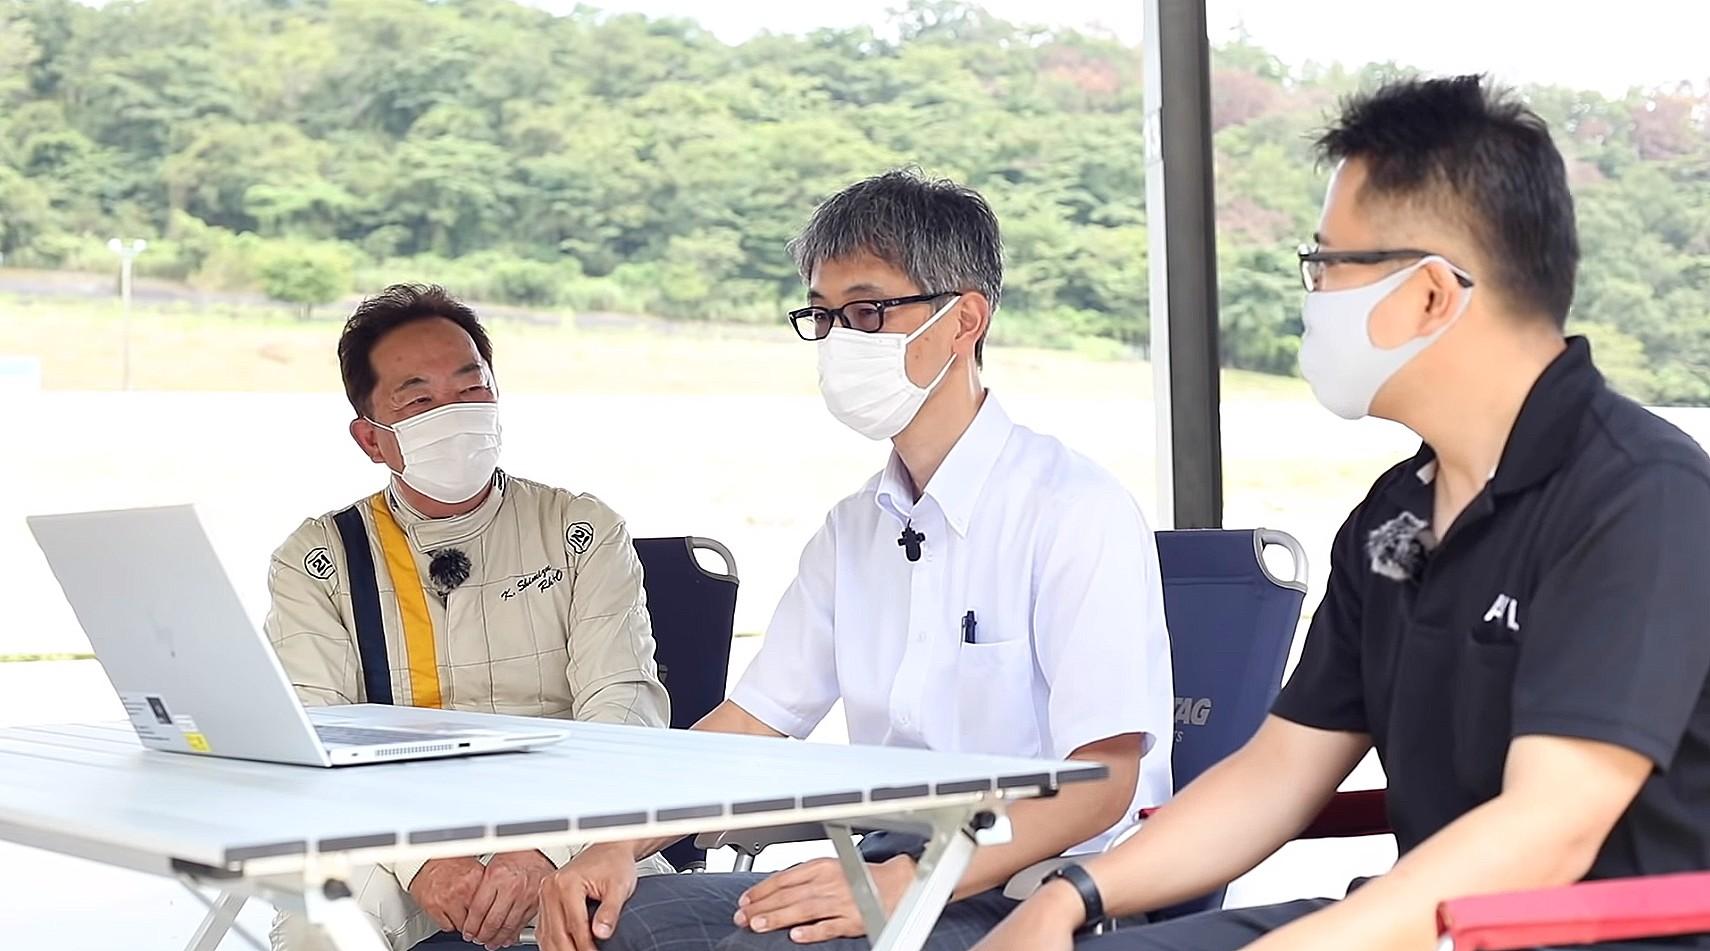 「トヨタ・ヤリスCVT・全日本ラリー参戦用清水和夫号の実走テストが始まった! エンジントルクを可視化できる解析機器とは?【SYE_X】」の4枚目の画像